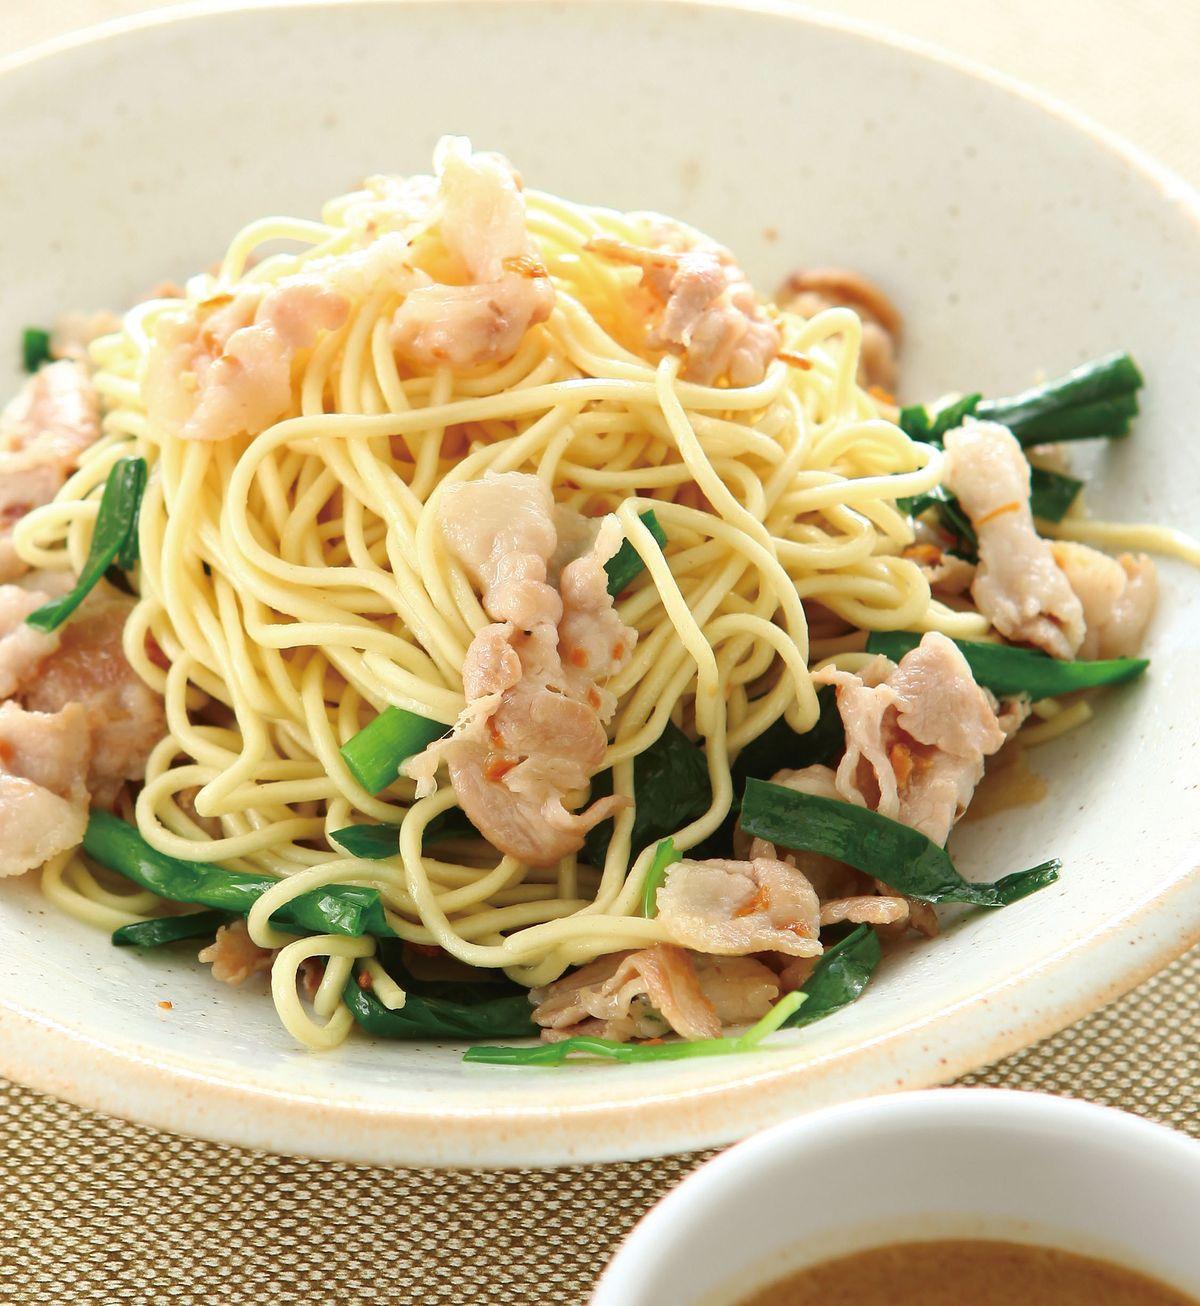 食譜:蒜香芝麻冷麵